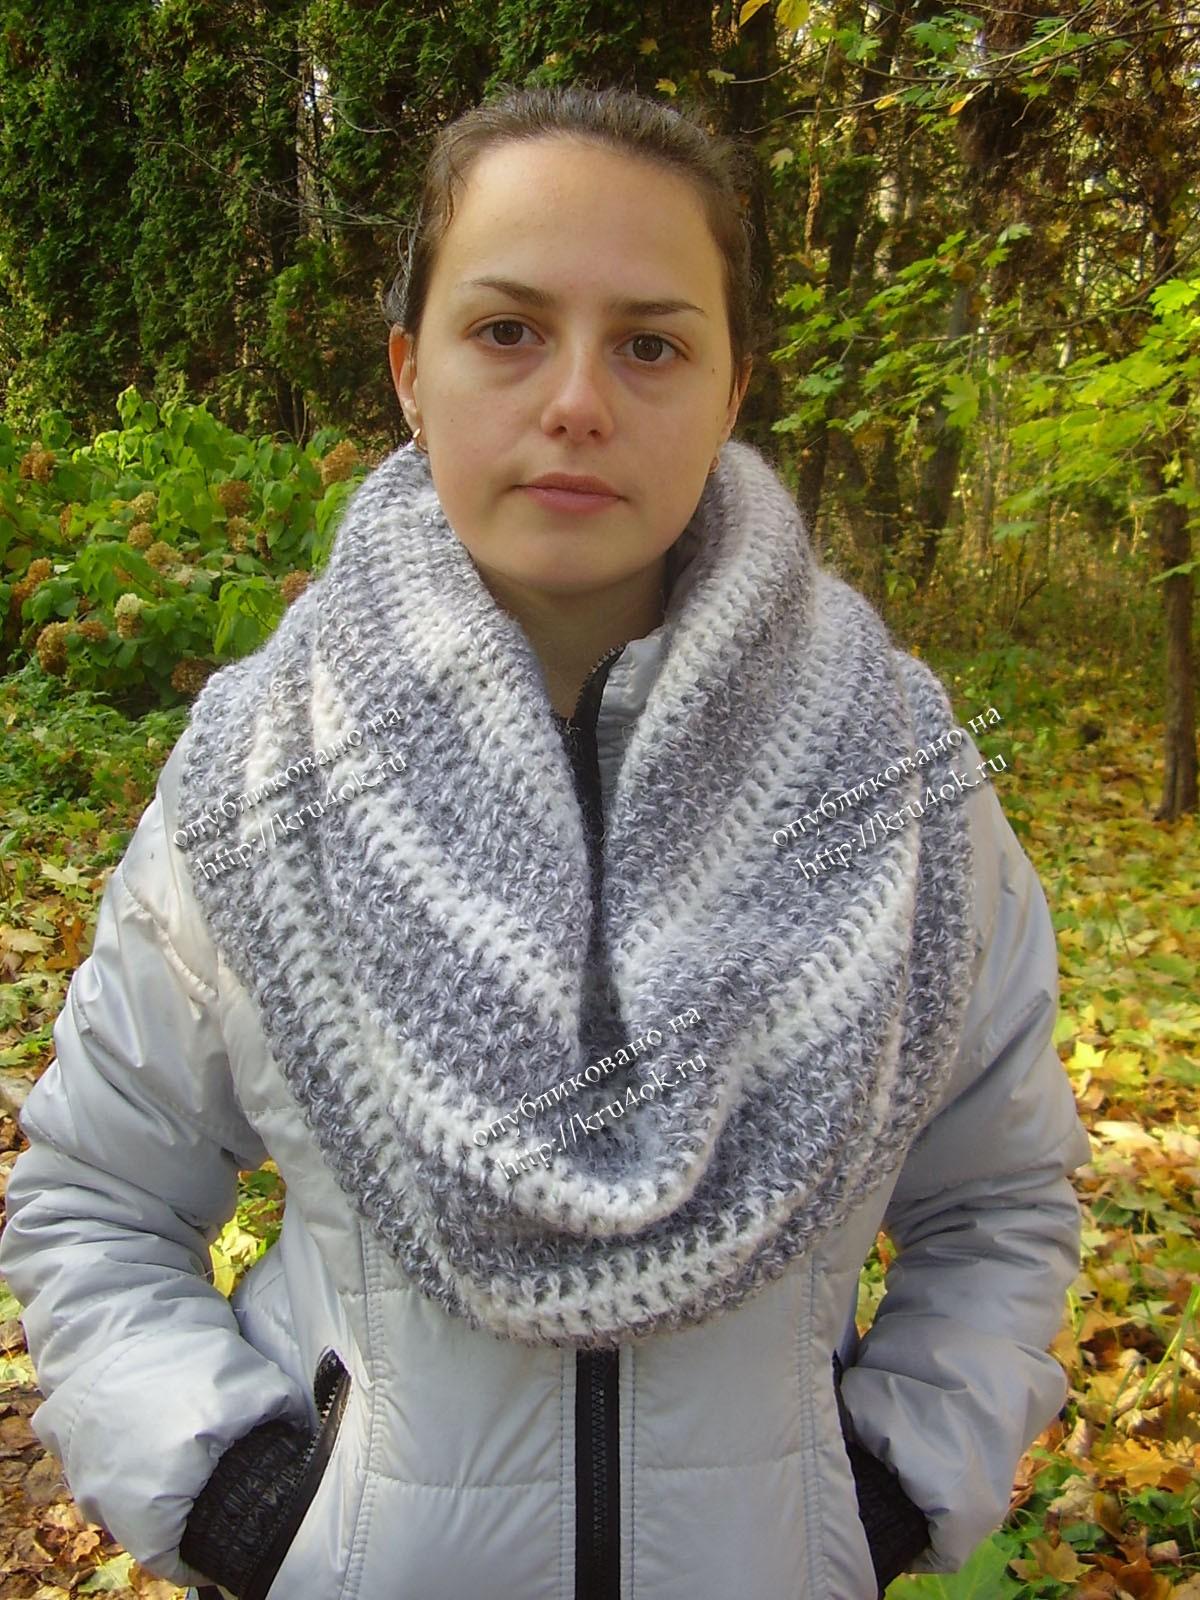 Описание: b спицами схема шарф снуд схема вязания.